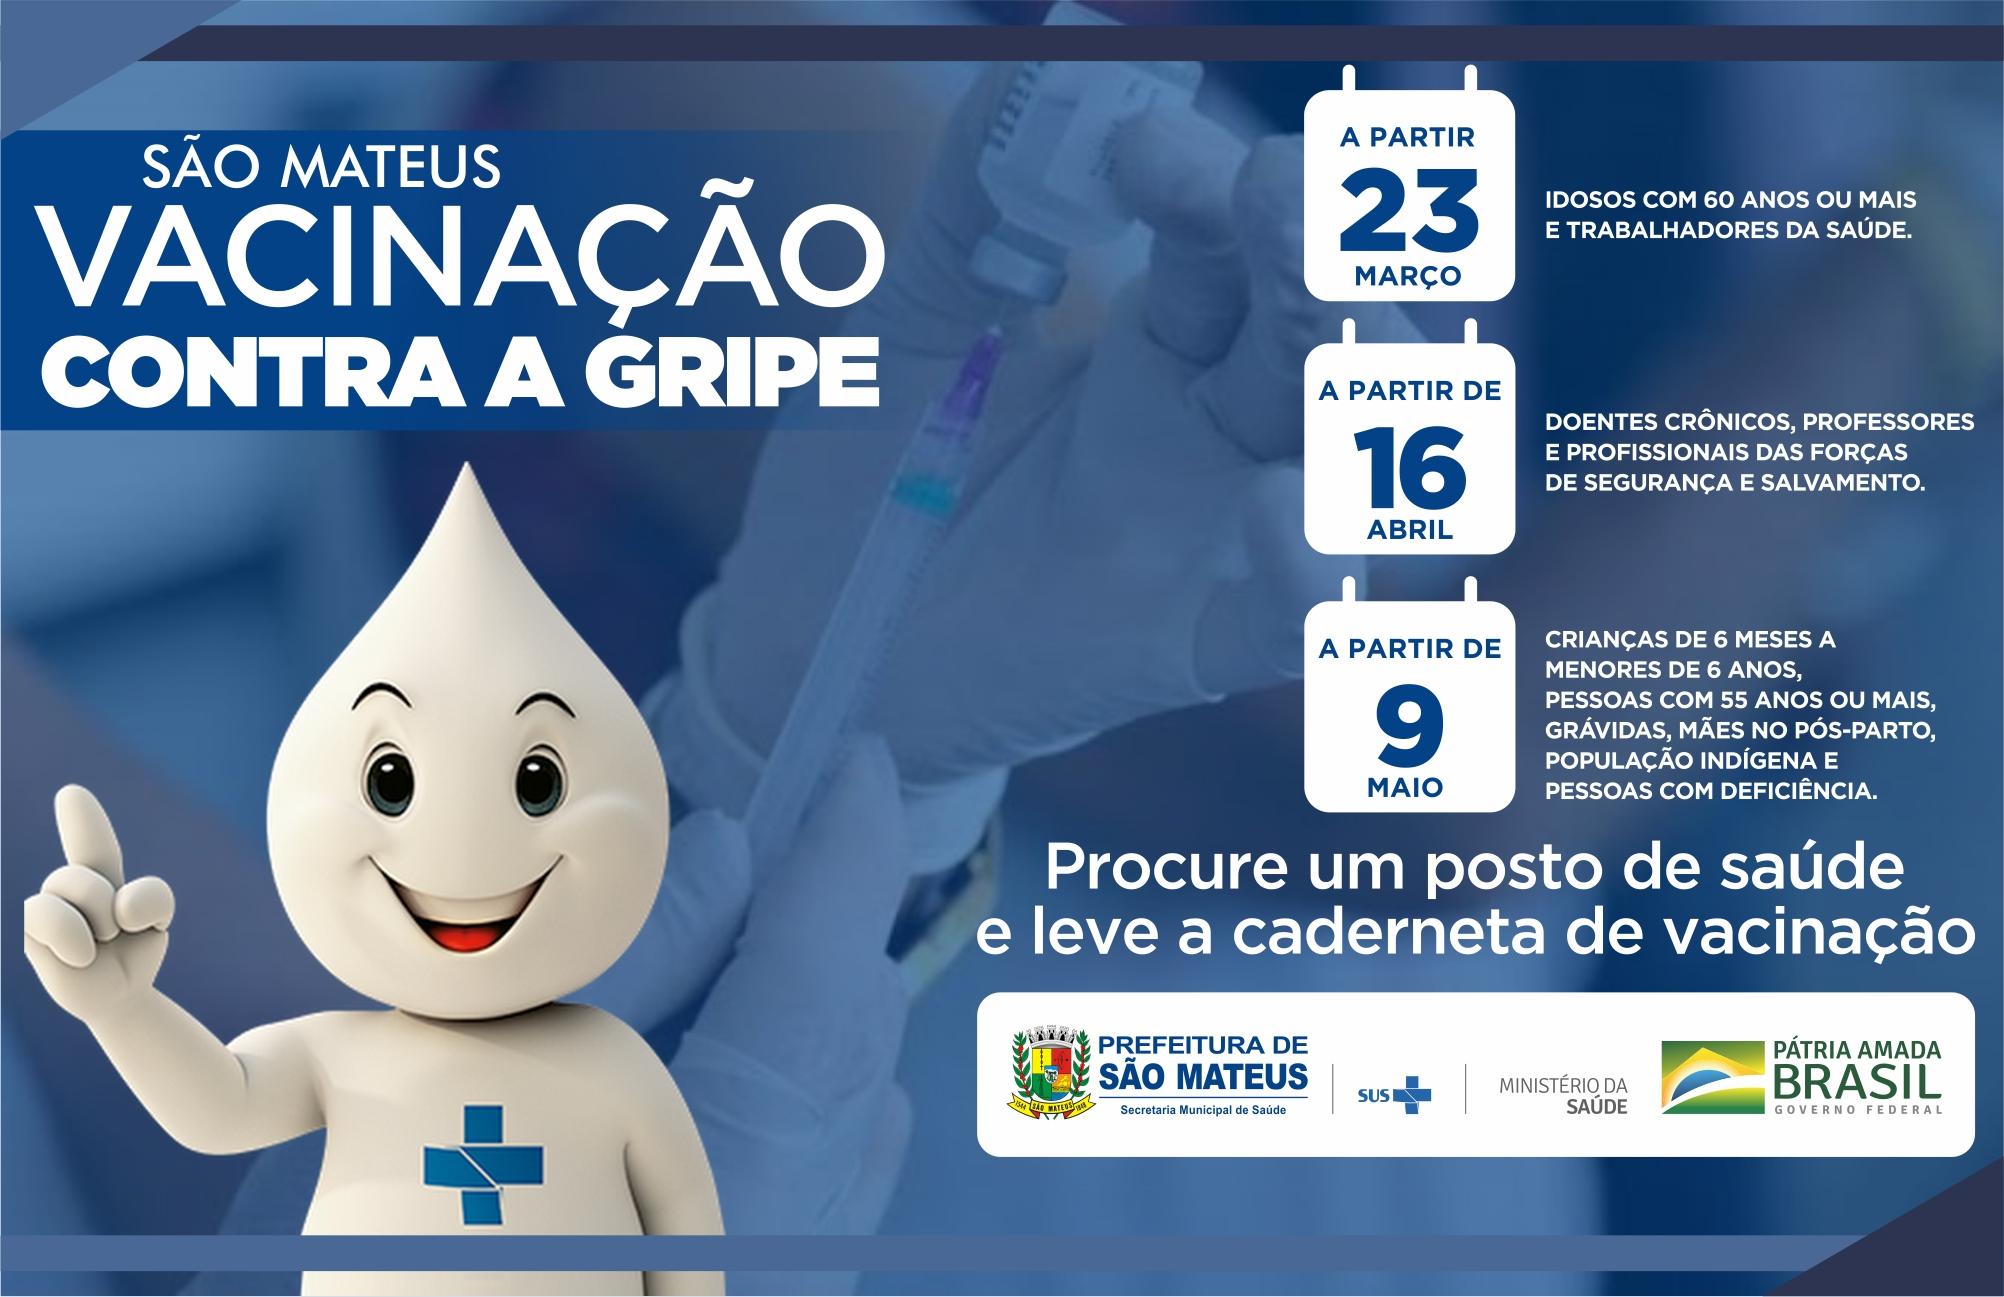 CAMPANHA DE VACINAÇÃO CONTRA A GRIPE COMEÇA NESTA SEGUNDA-FEIRA